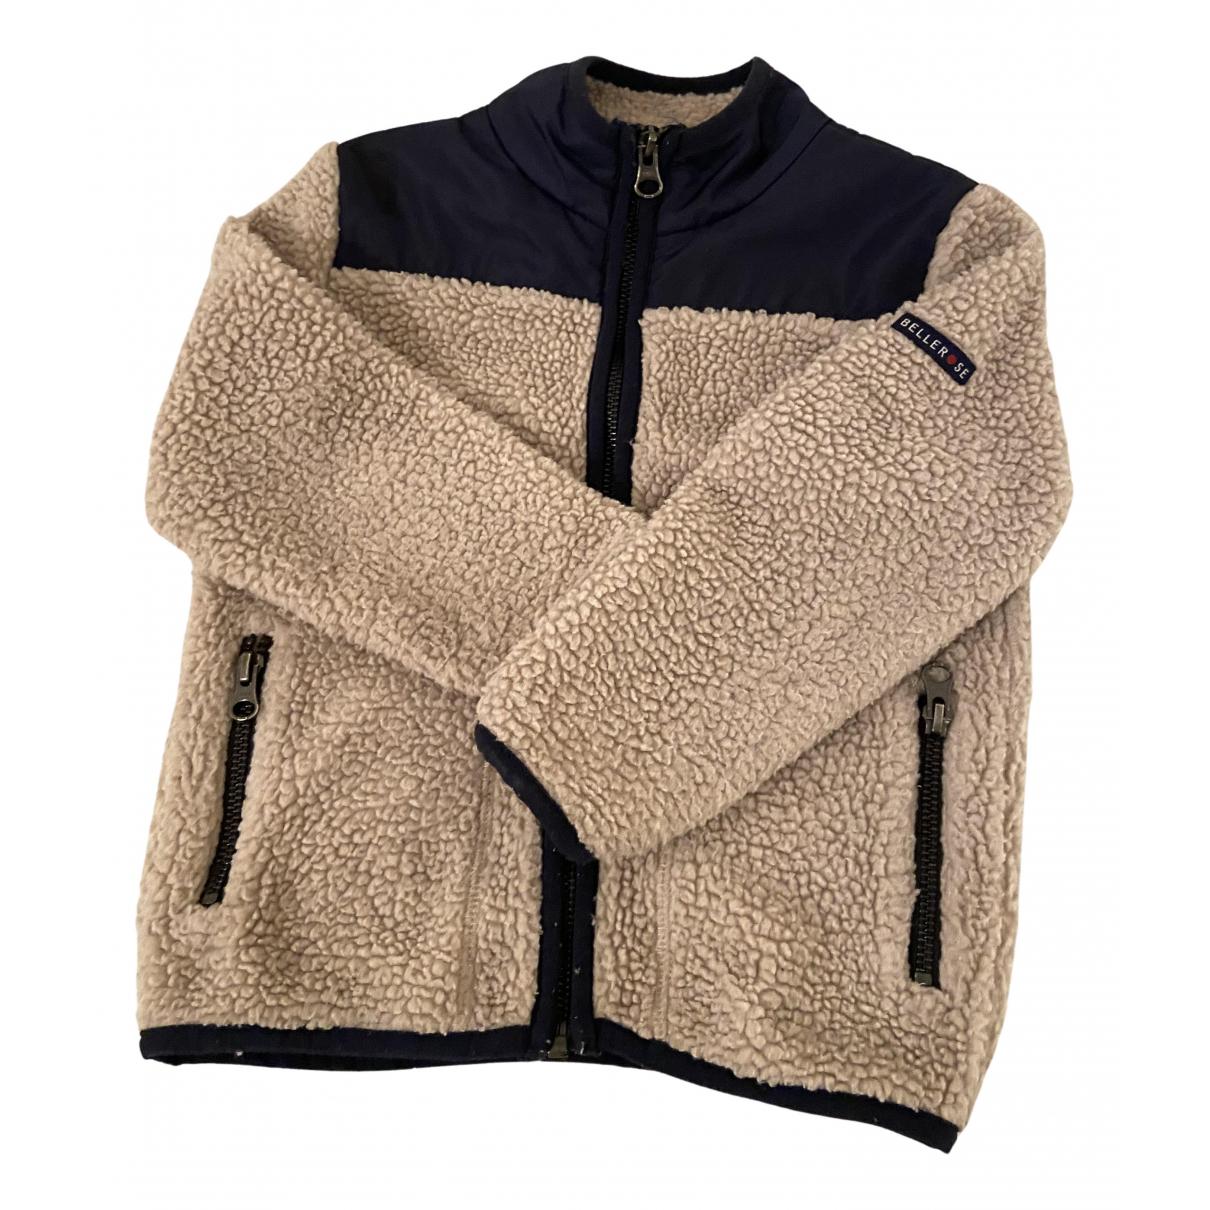 Bellerose - Blousons.Manteaux   pour enfant - beige